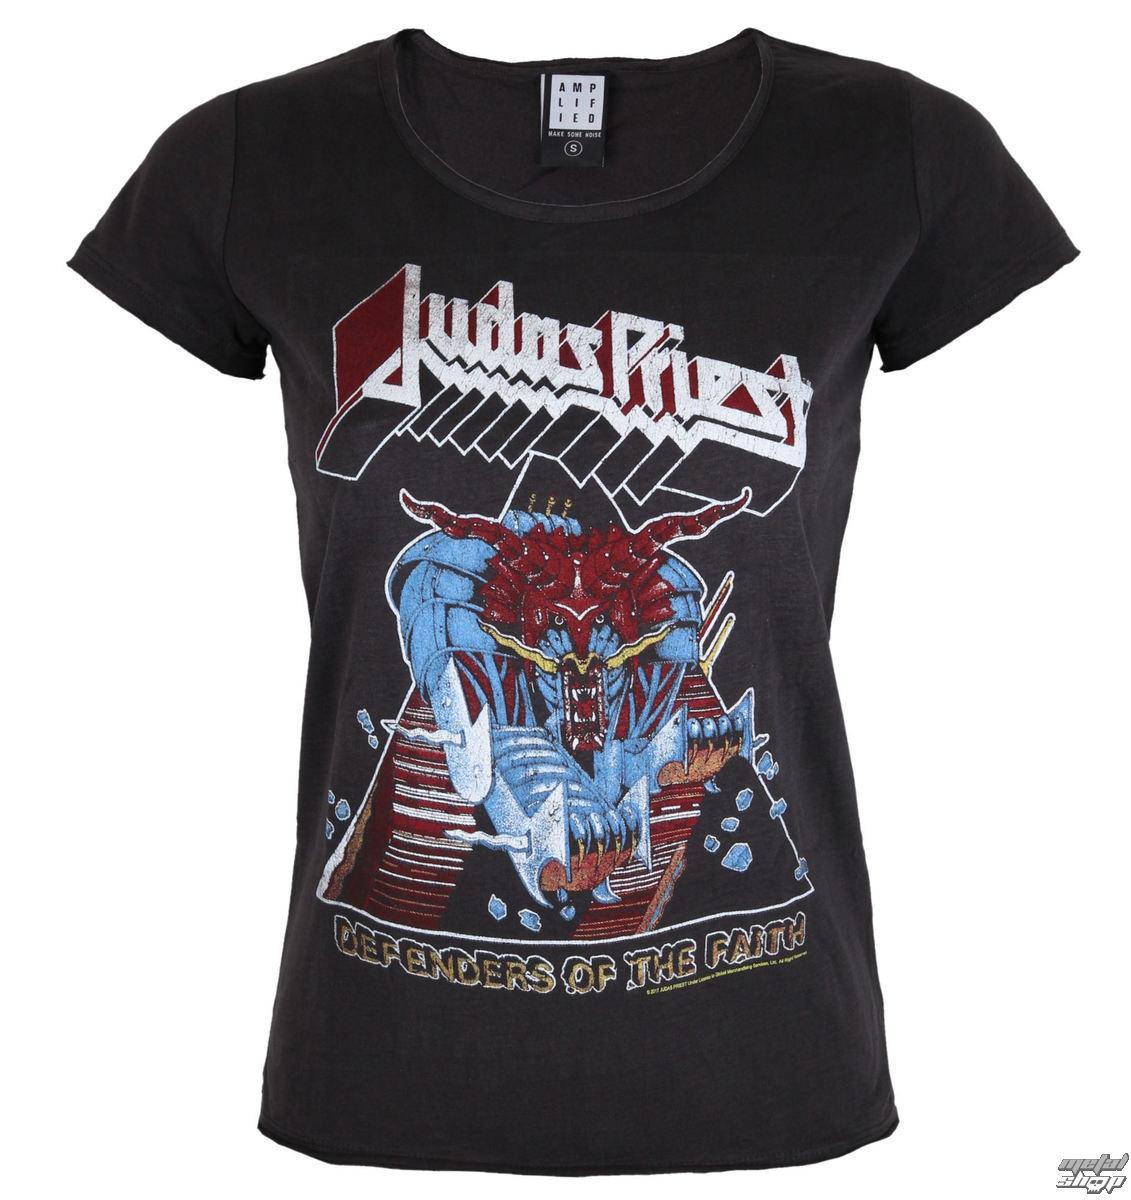 Judas Priest Shirt - T Shirts Design Concept